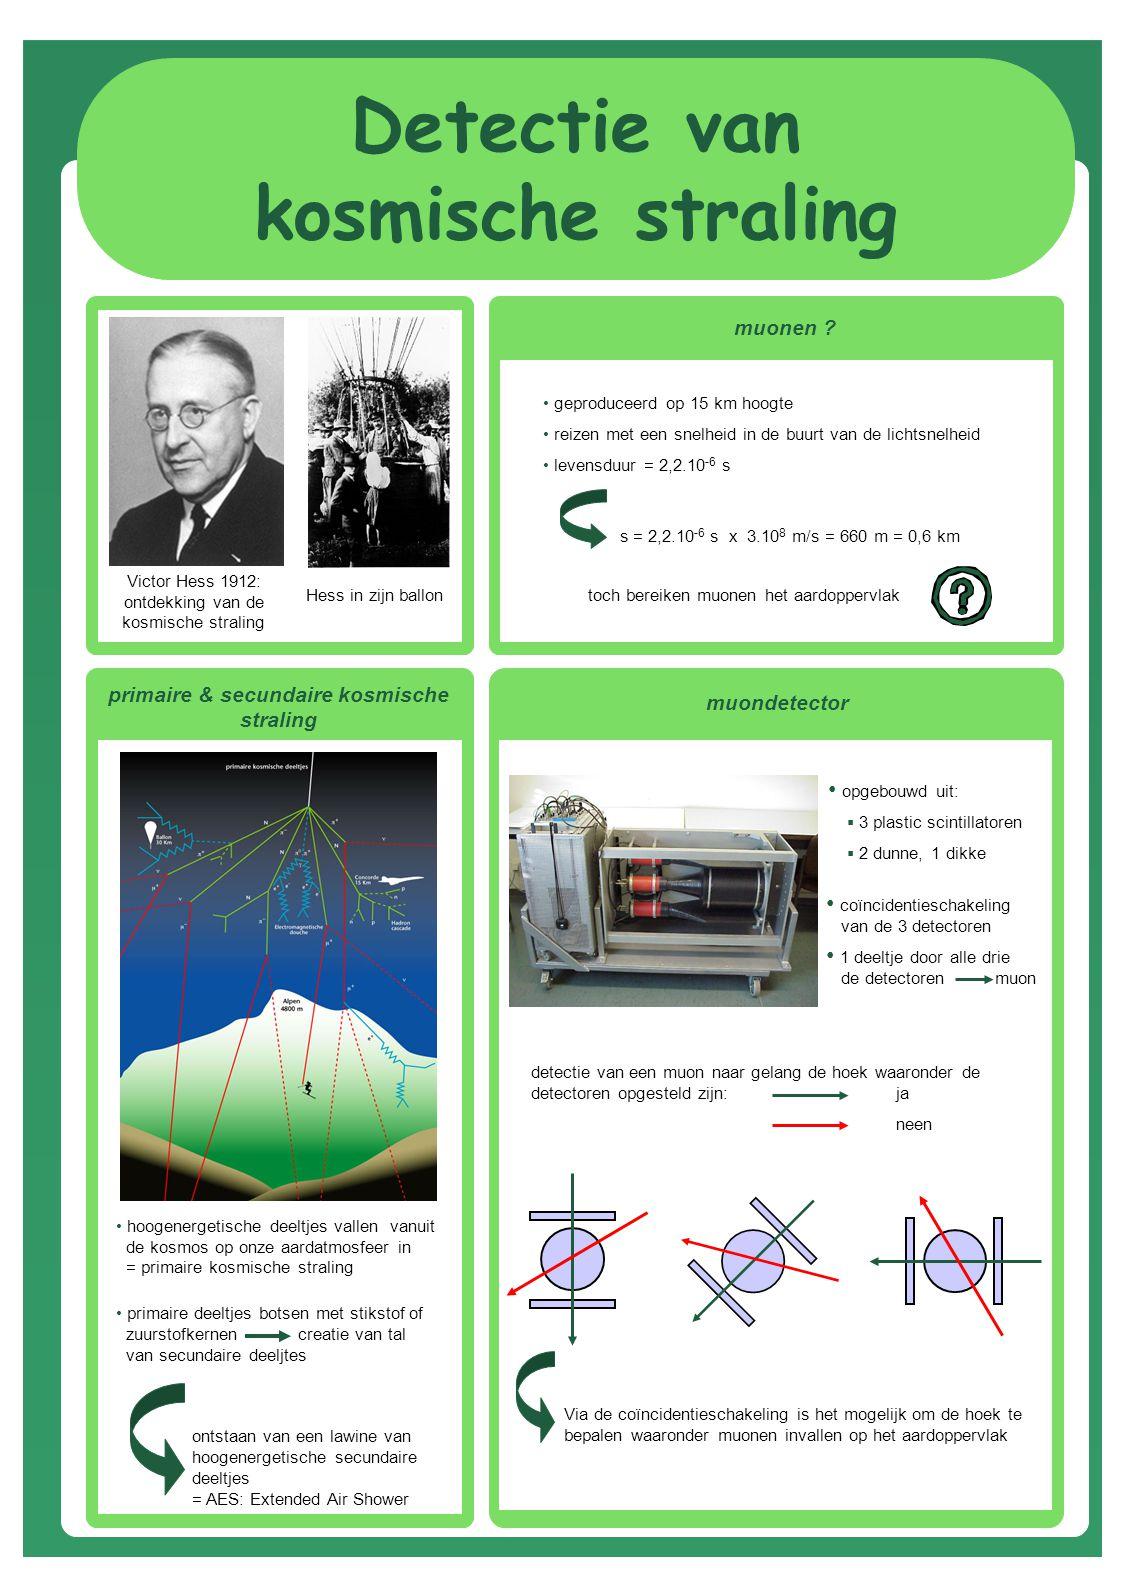 Detectie van kosmische straling Victor Hess 1912: ontdekking van de kosmische straling Hess in zijn ballon primaire & secundaire kosmische straling hoogenergetische deeltjes vallen vanuit de kosmos op onze aardatmosfeer in = primaire kosmische straling primaire deeltjes botsen met stikstof of zuurstofkernen creatie van tal van secundaire deeljtes ontstaan van een lawine van hoogenergetische secundaire deeltjes = AES: Extended Air Shower muonen .